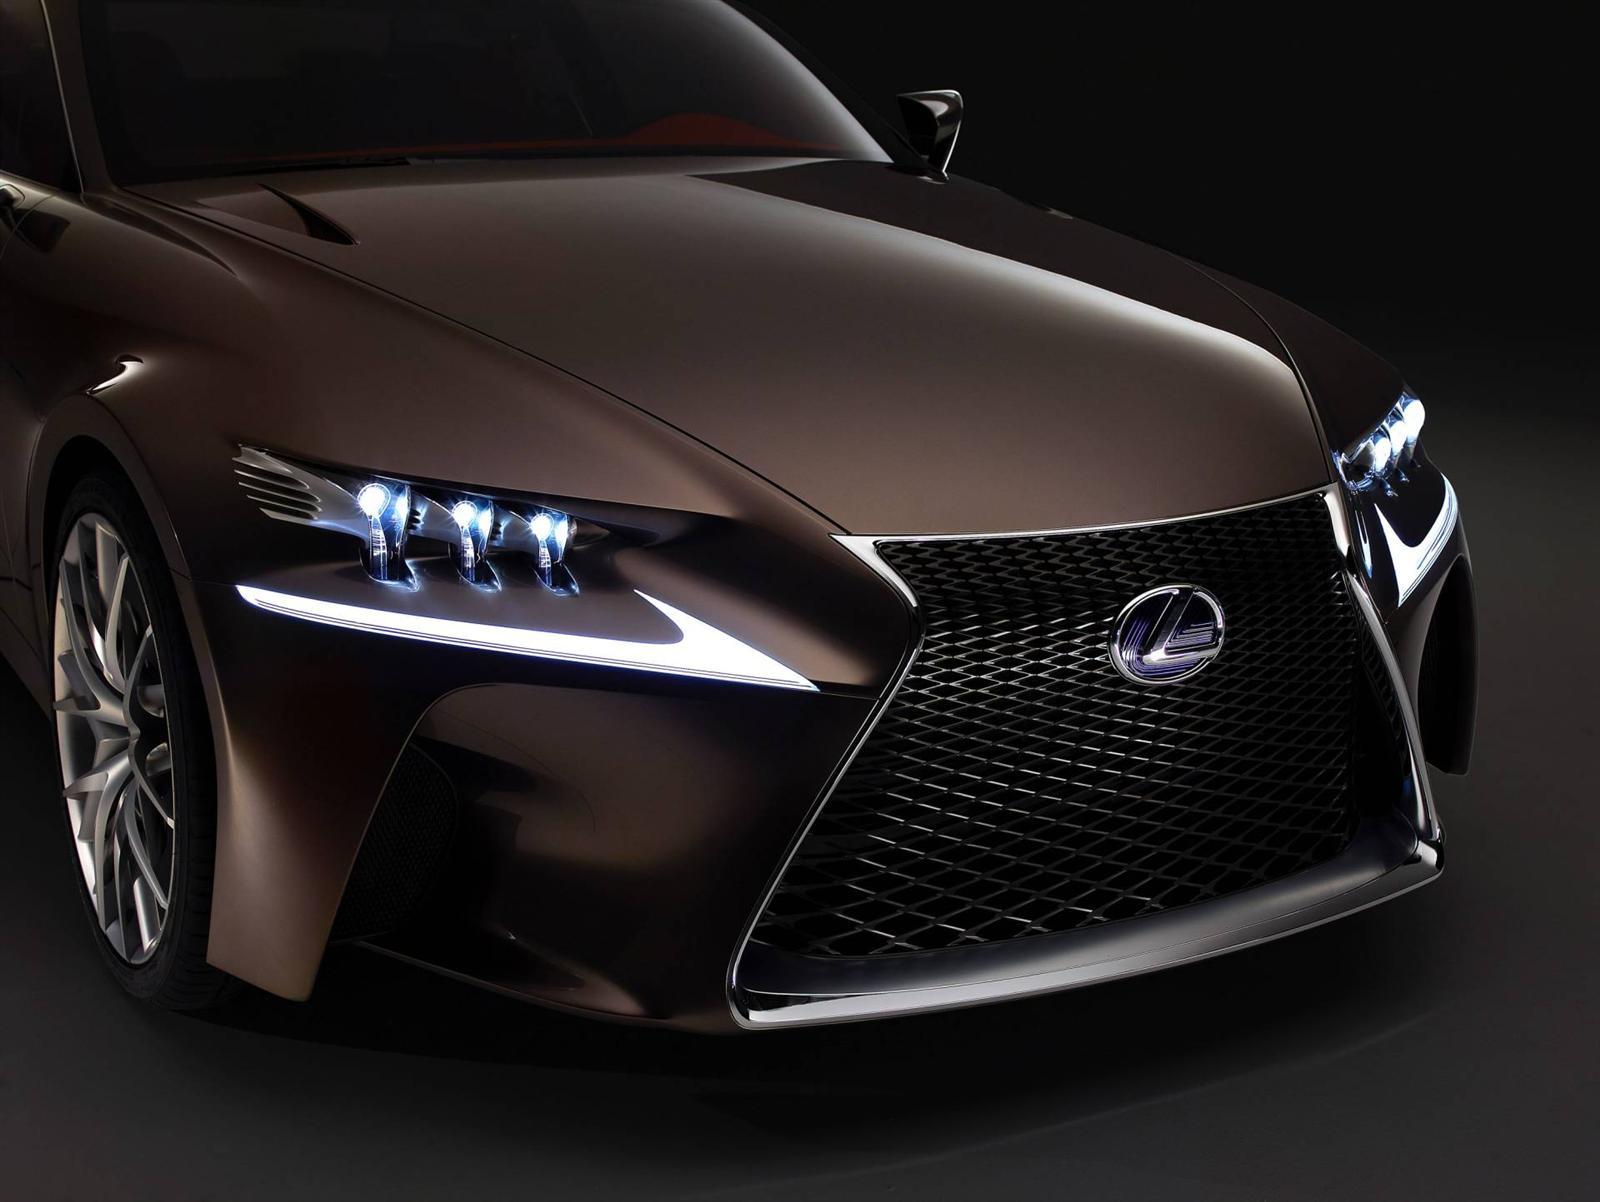 https://www.conceptcarz.com/images/Lexus/Lexus-LF-CC-Concept-Coupe-Supercar-06-1600.jpg